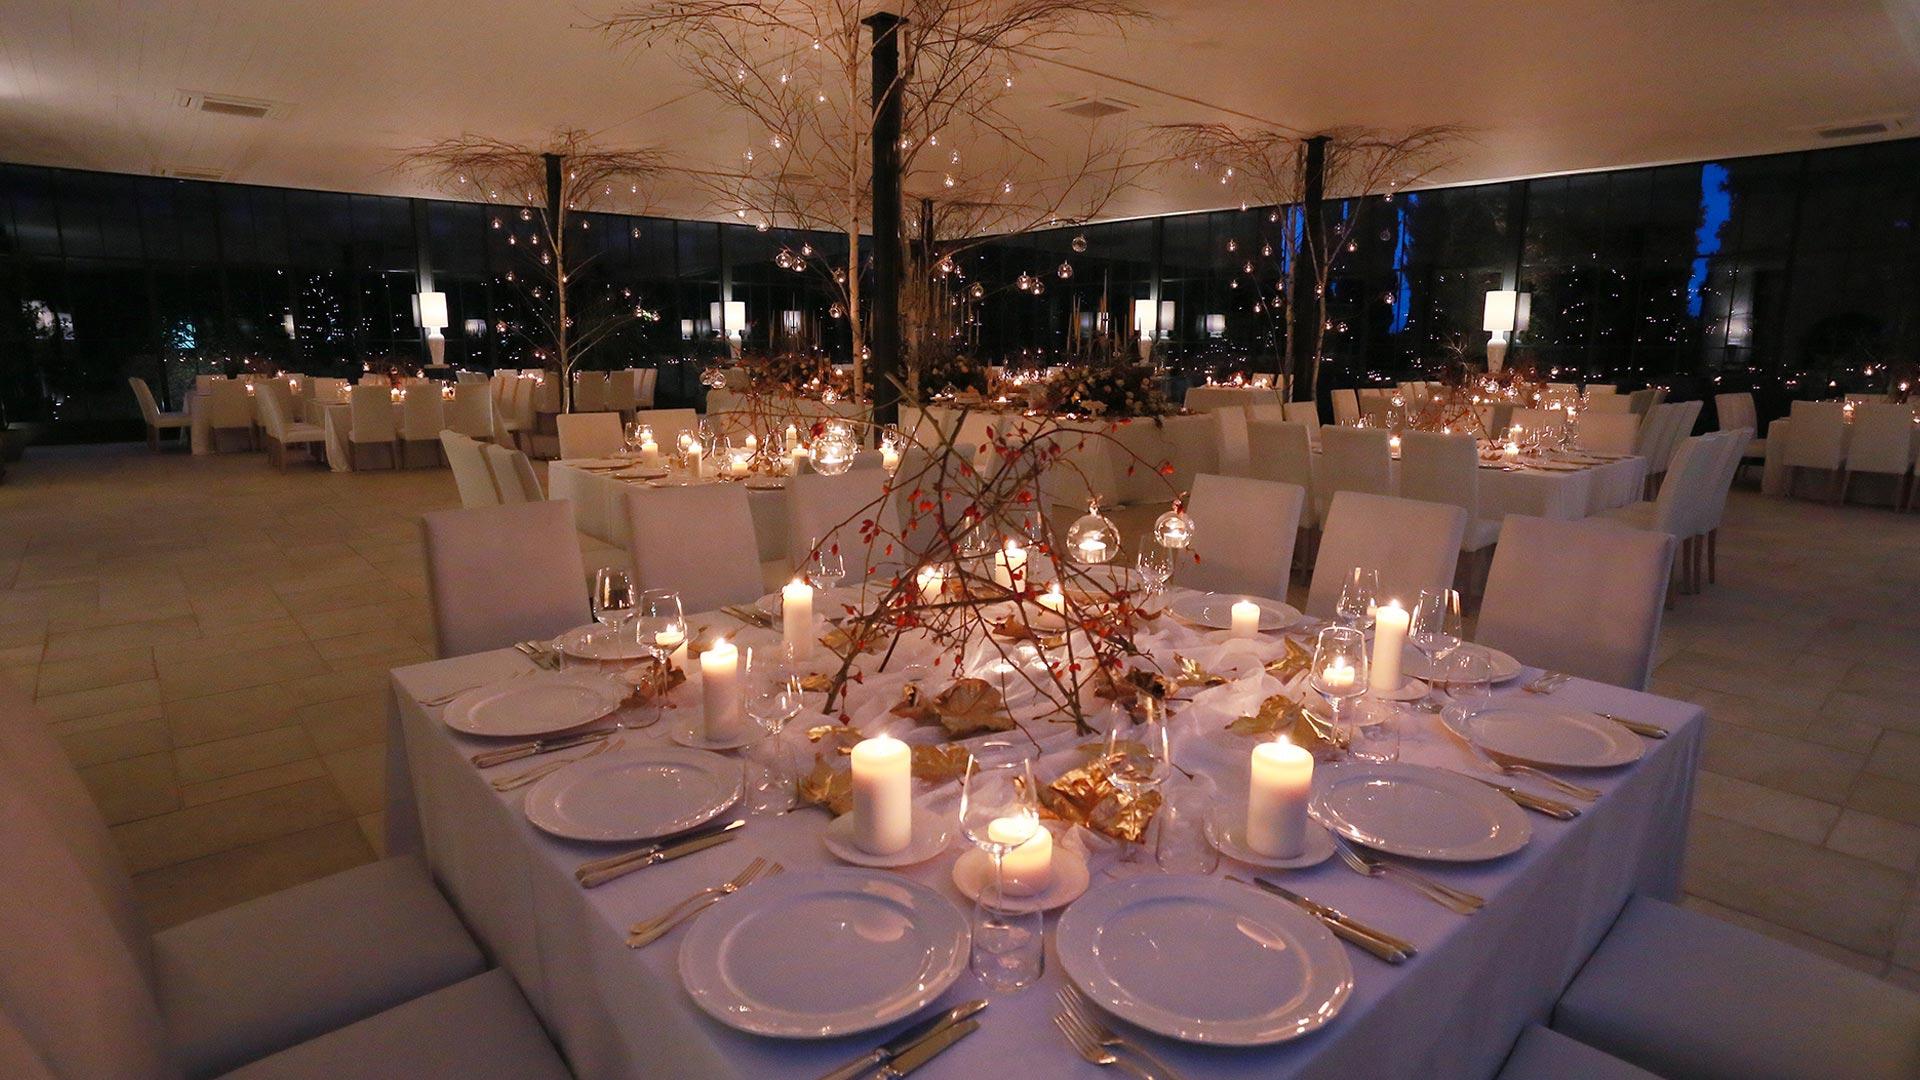 matrimonio invernale tavolo allestito